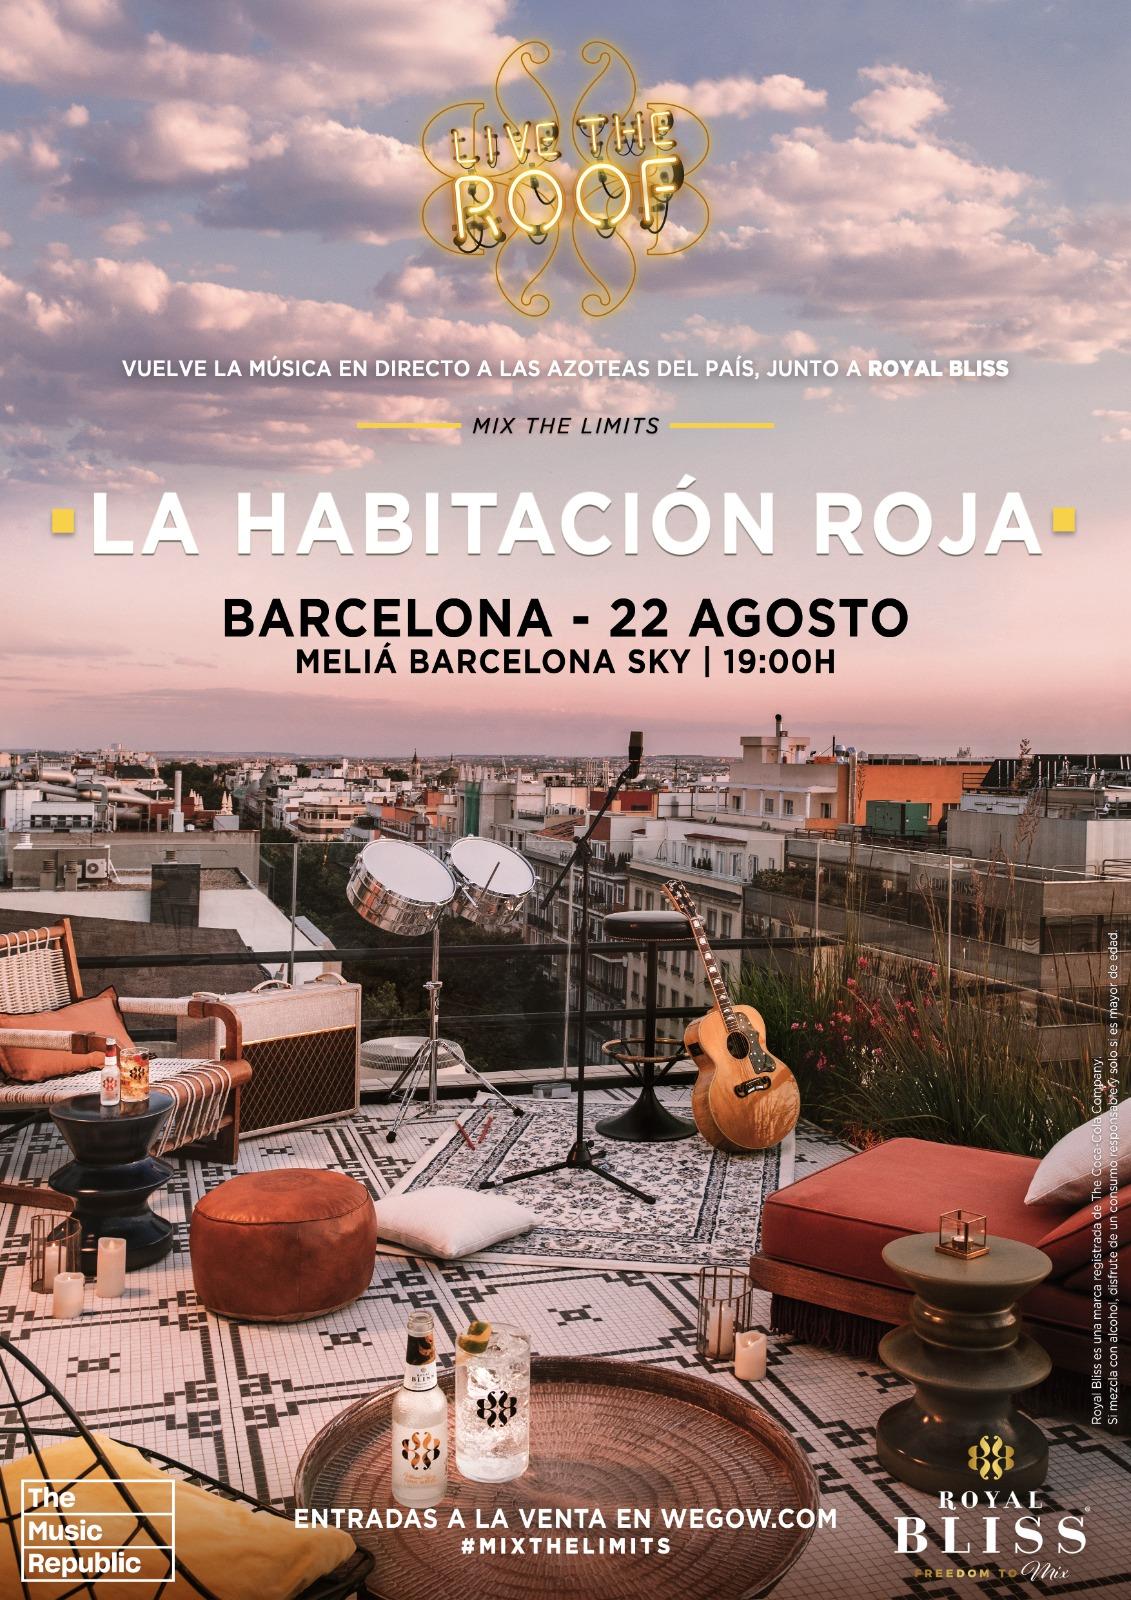 la habitacion roja en live the roof barcelona 16237425968870733